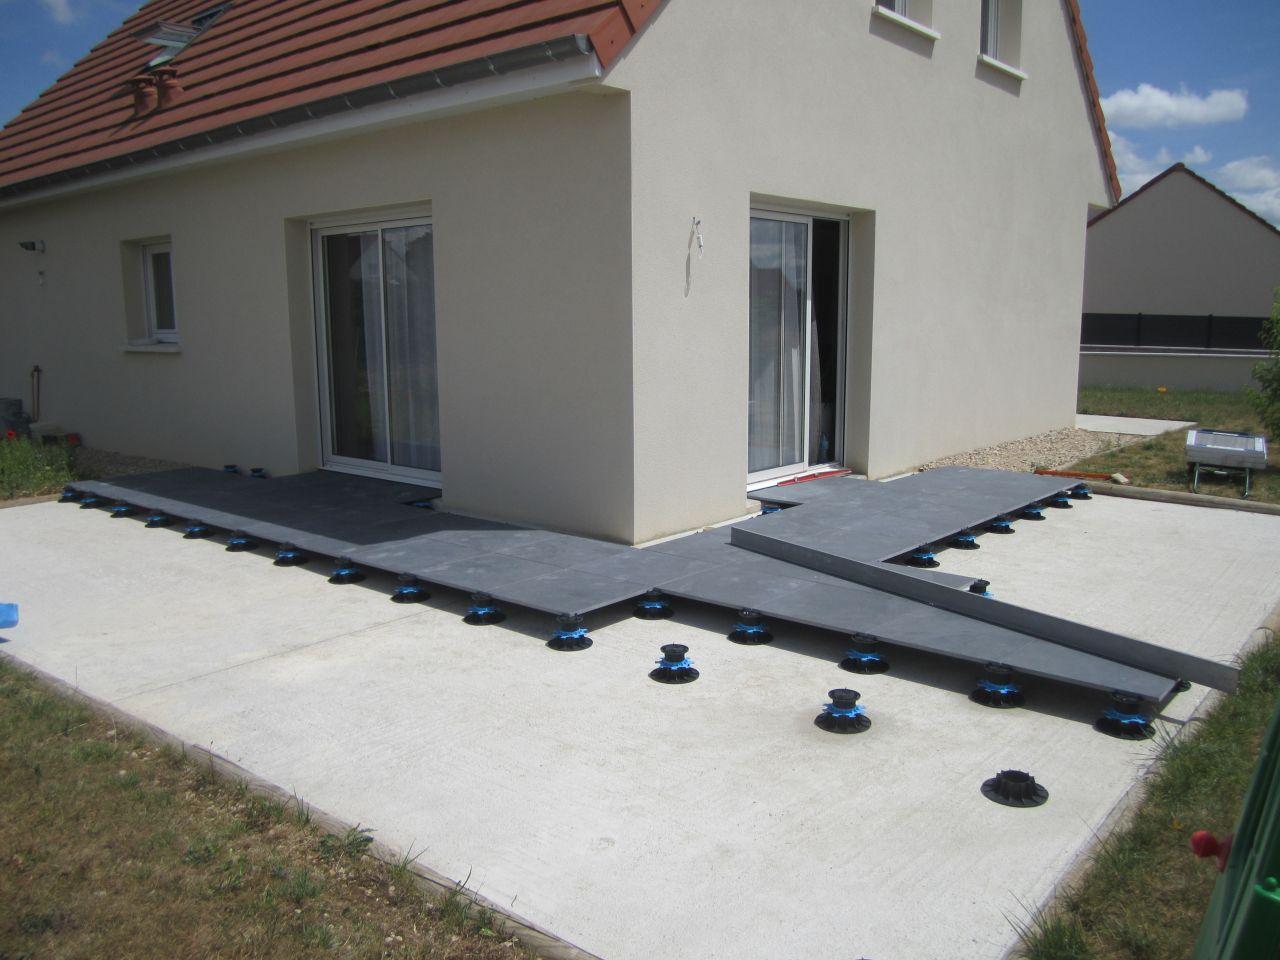 Pose Terrasse Dalle Beton Sur Plot - Veranda-Styledevie.fr destiné Baguette Finition Terrasse Sur Plot